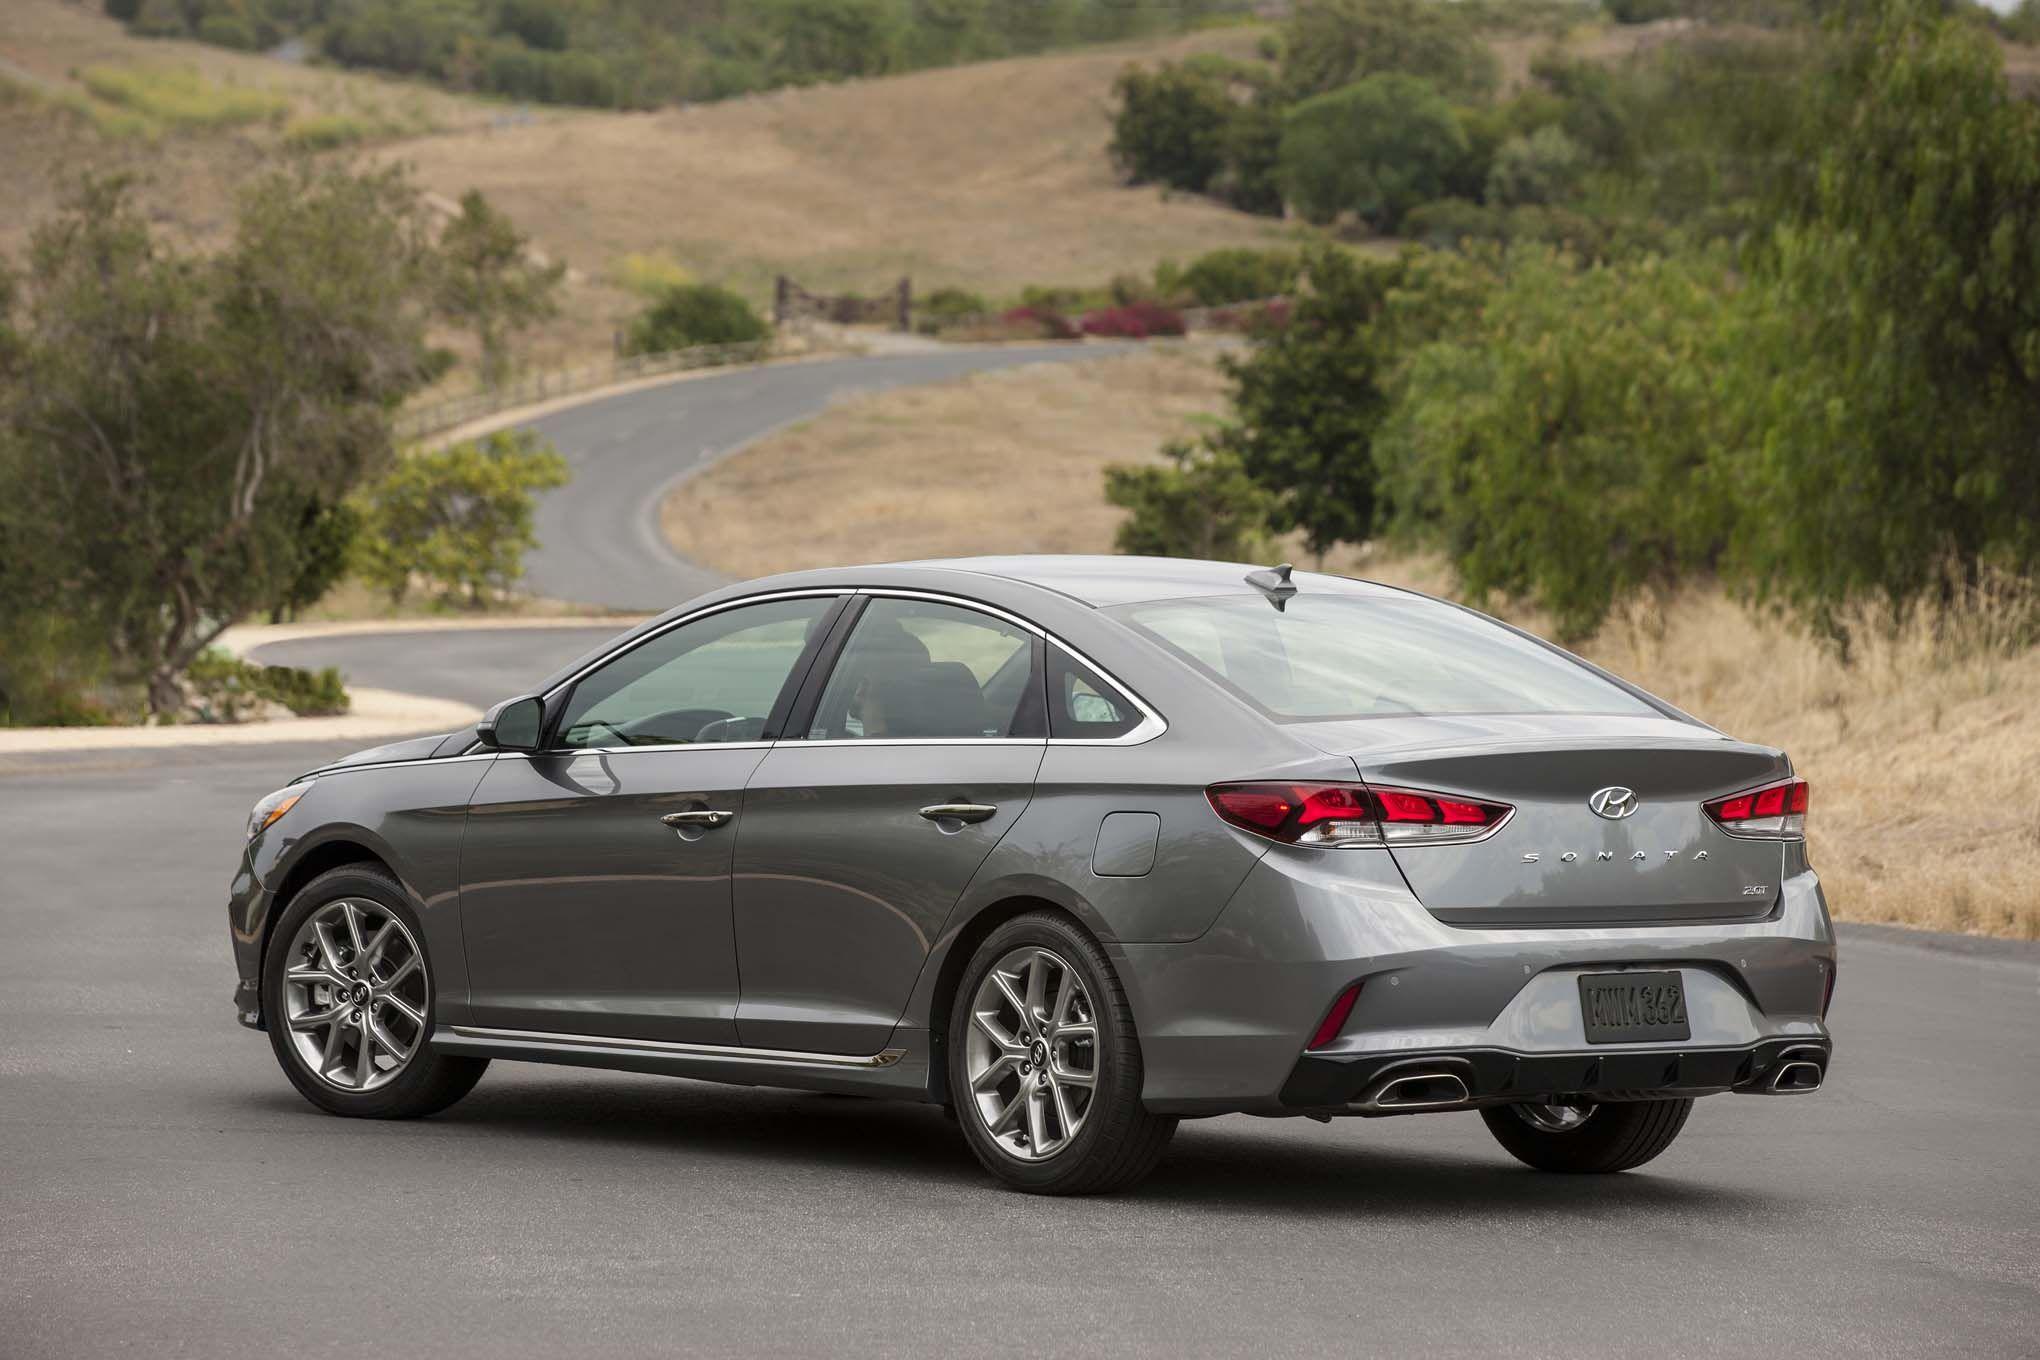 Pin On Repokar Hyundai Cars